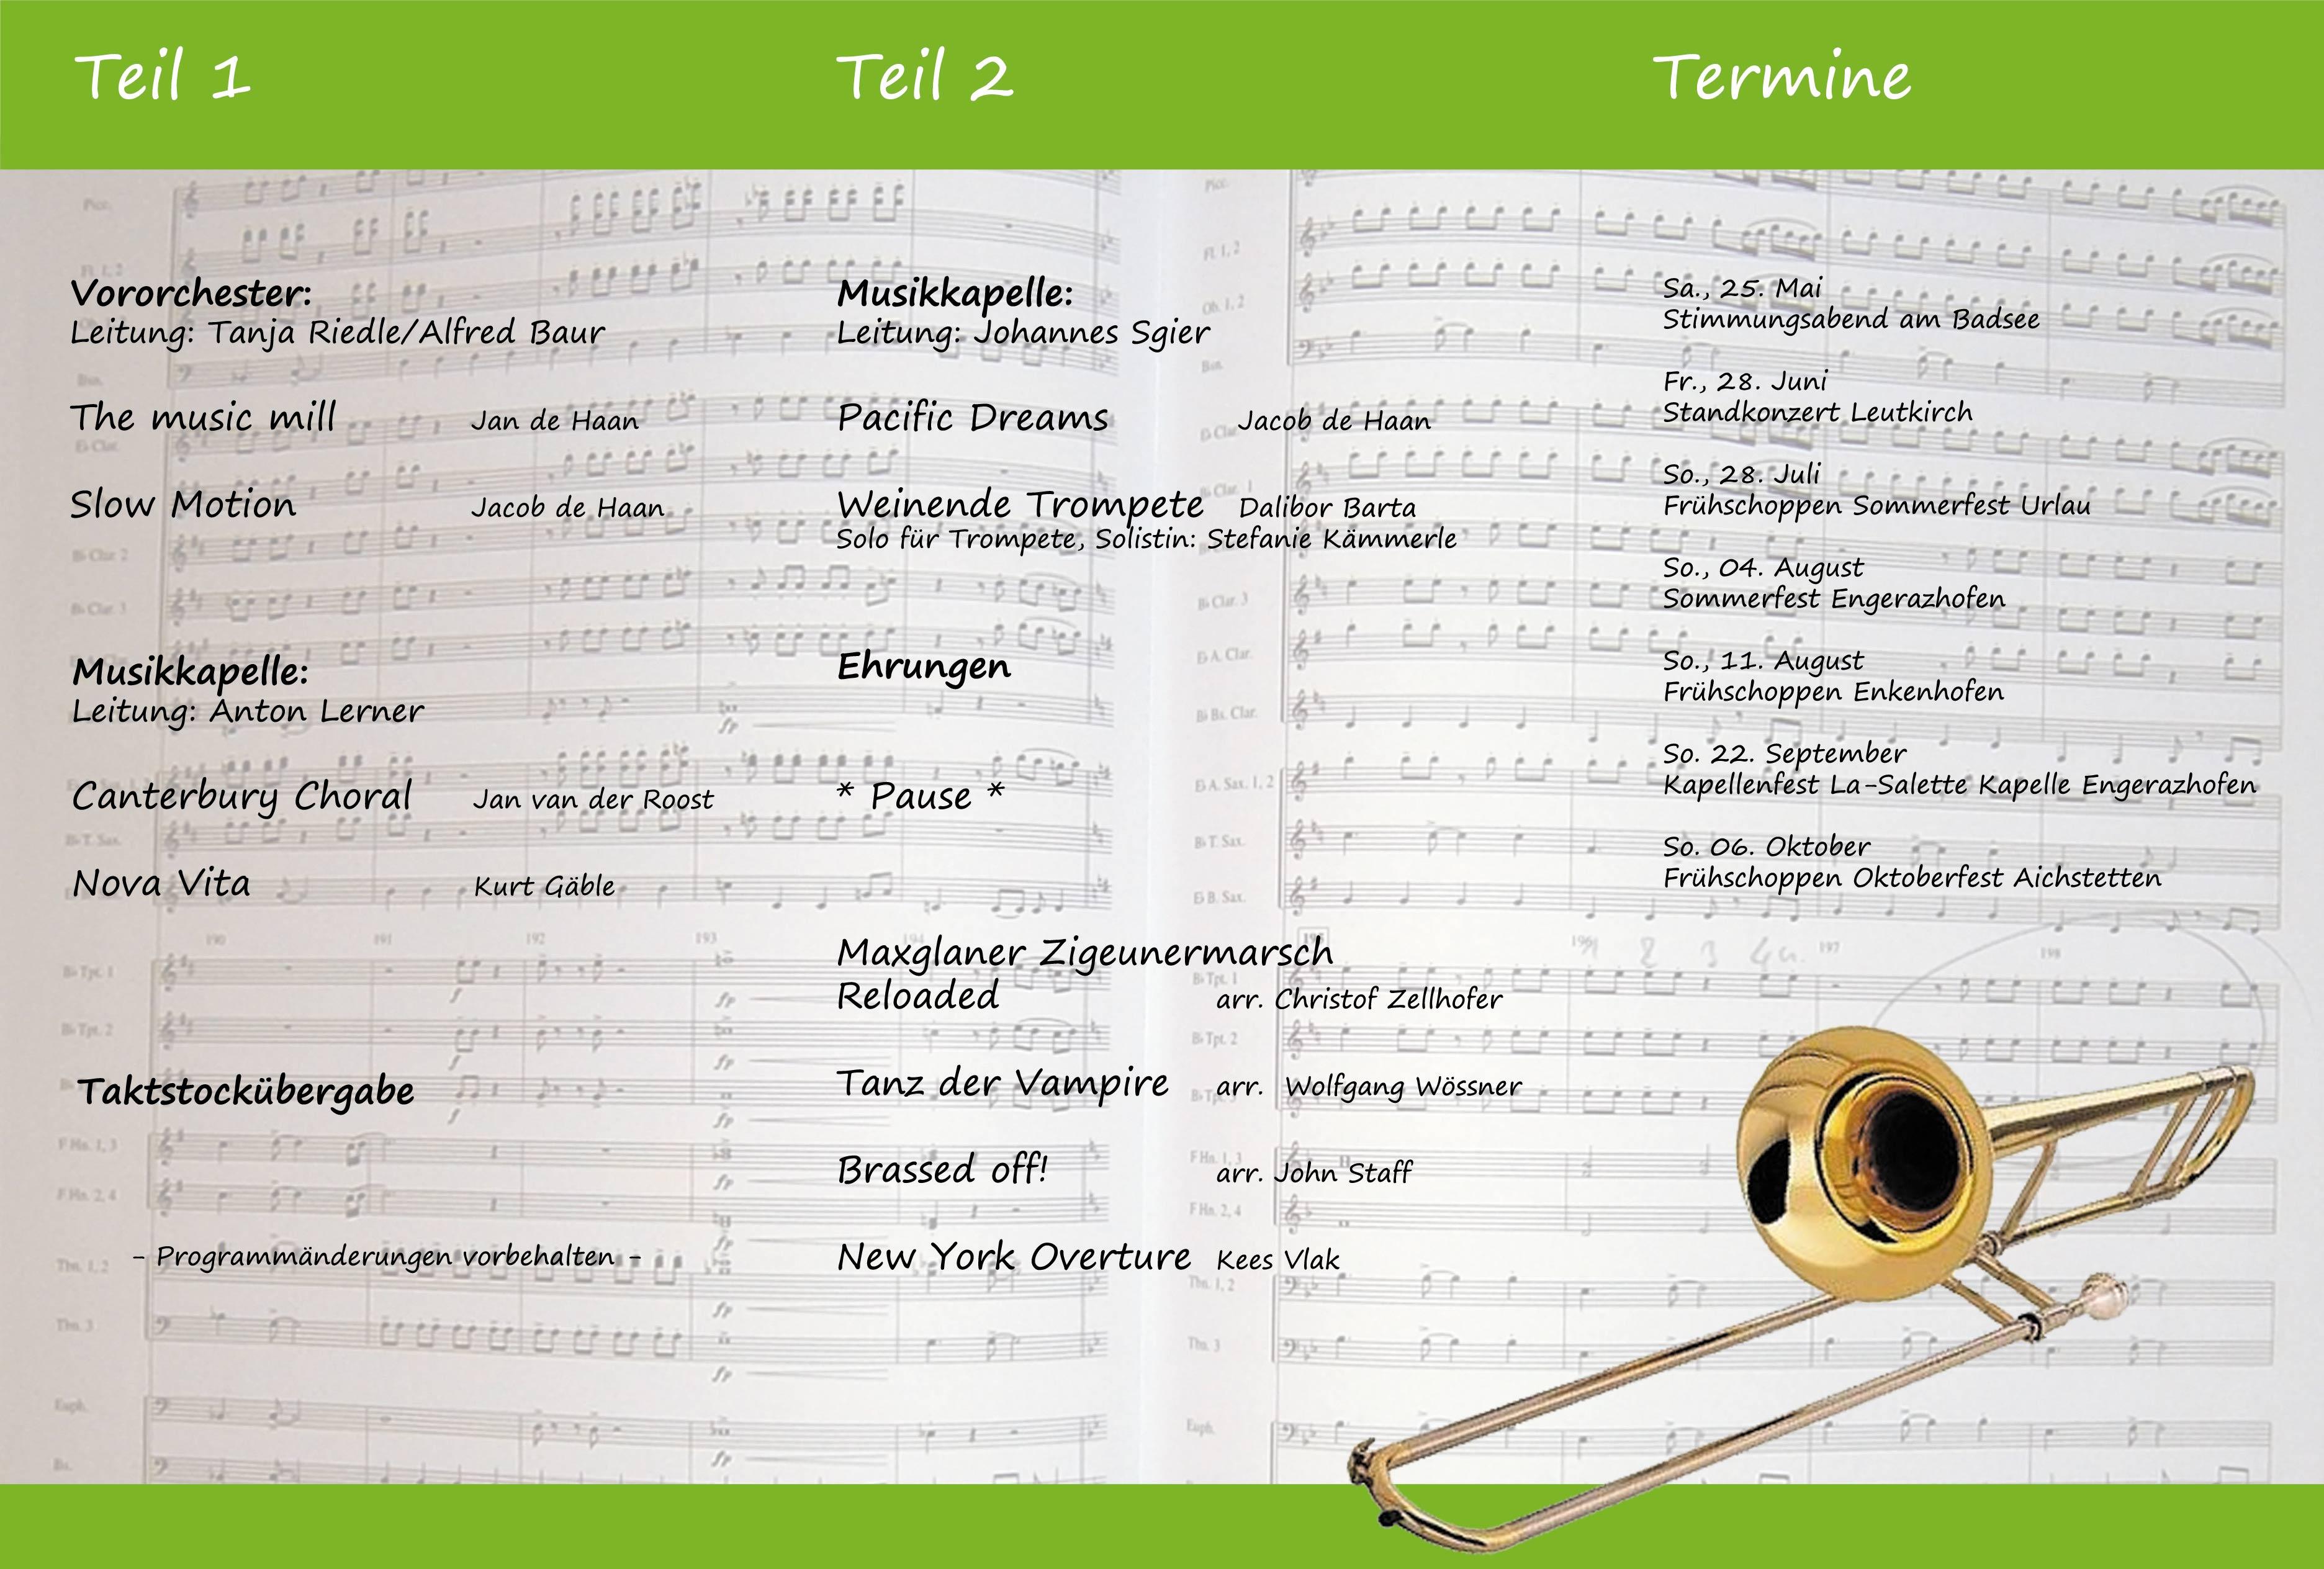 2013-04-27 - Programm Konzert innen